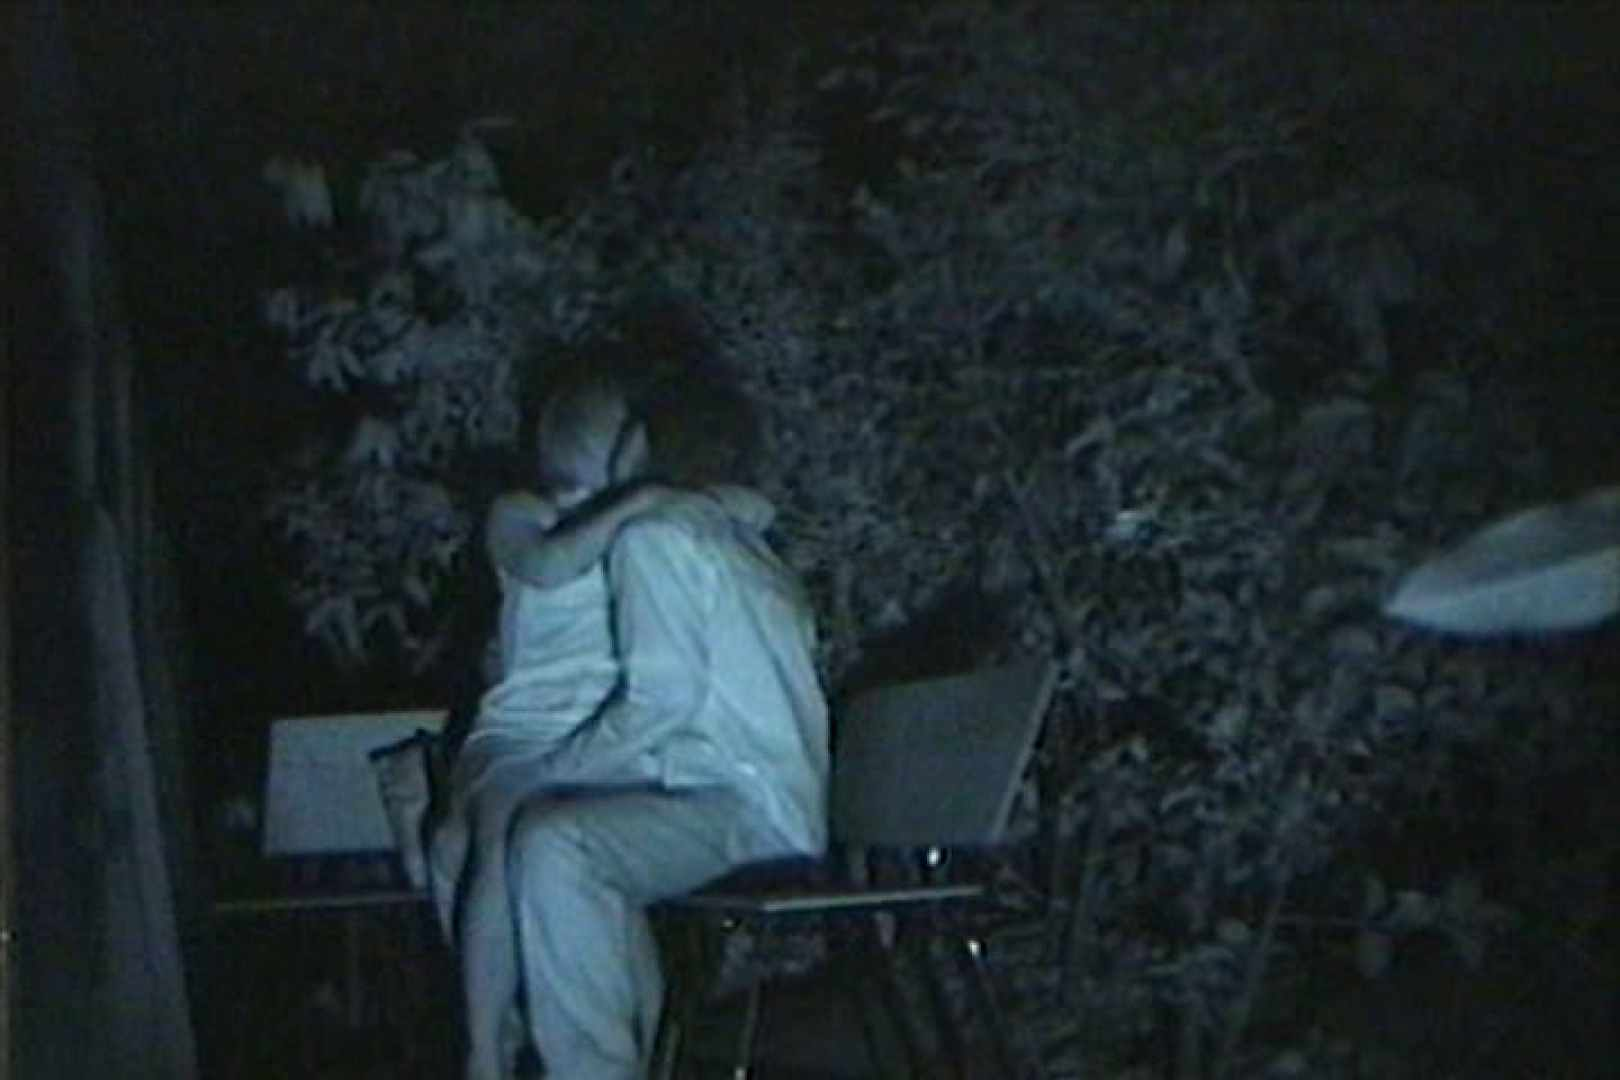 闇の仕掛け人 無修正版 Vol.24 美しいOLの裸体 | セックス  101pic 91